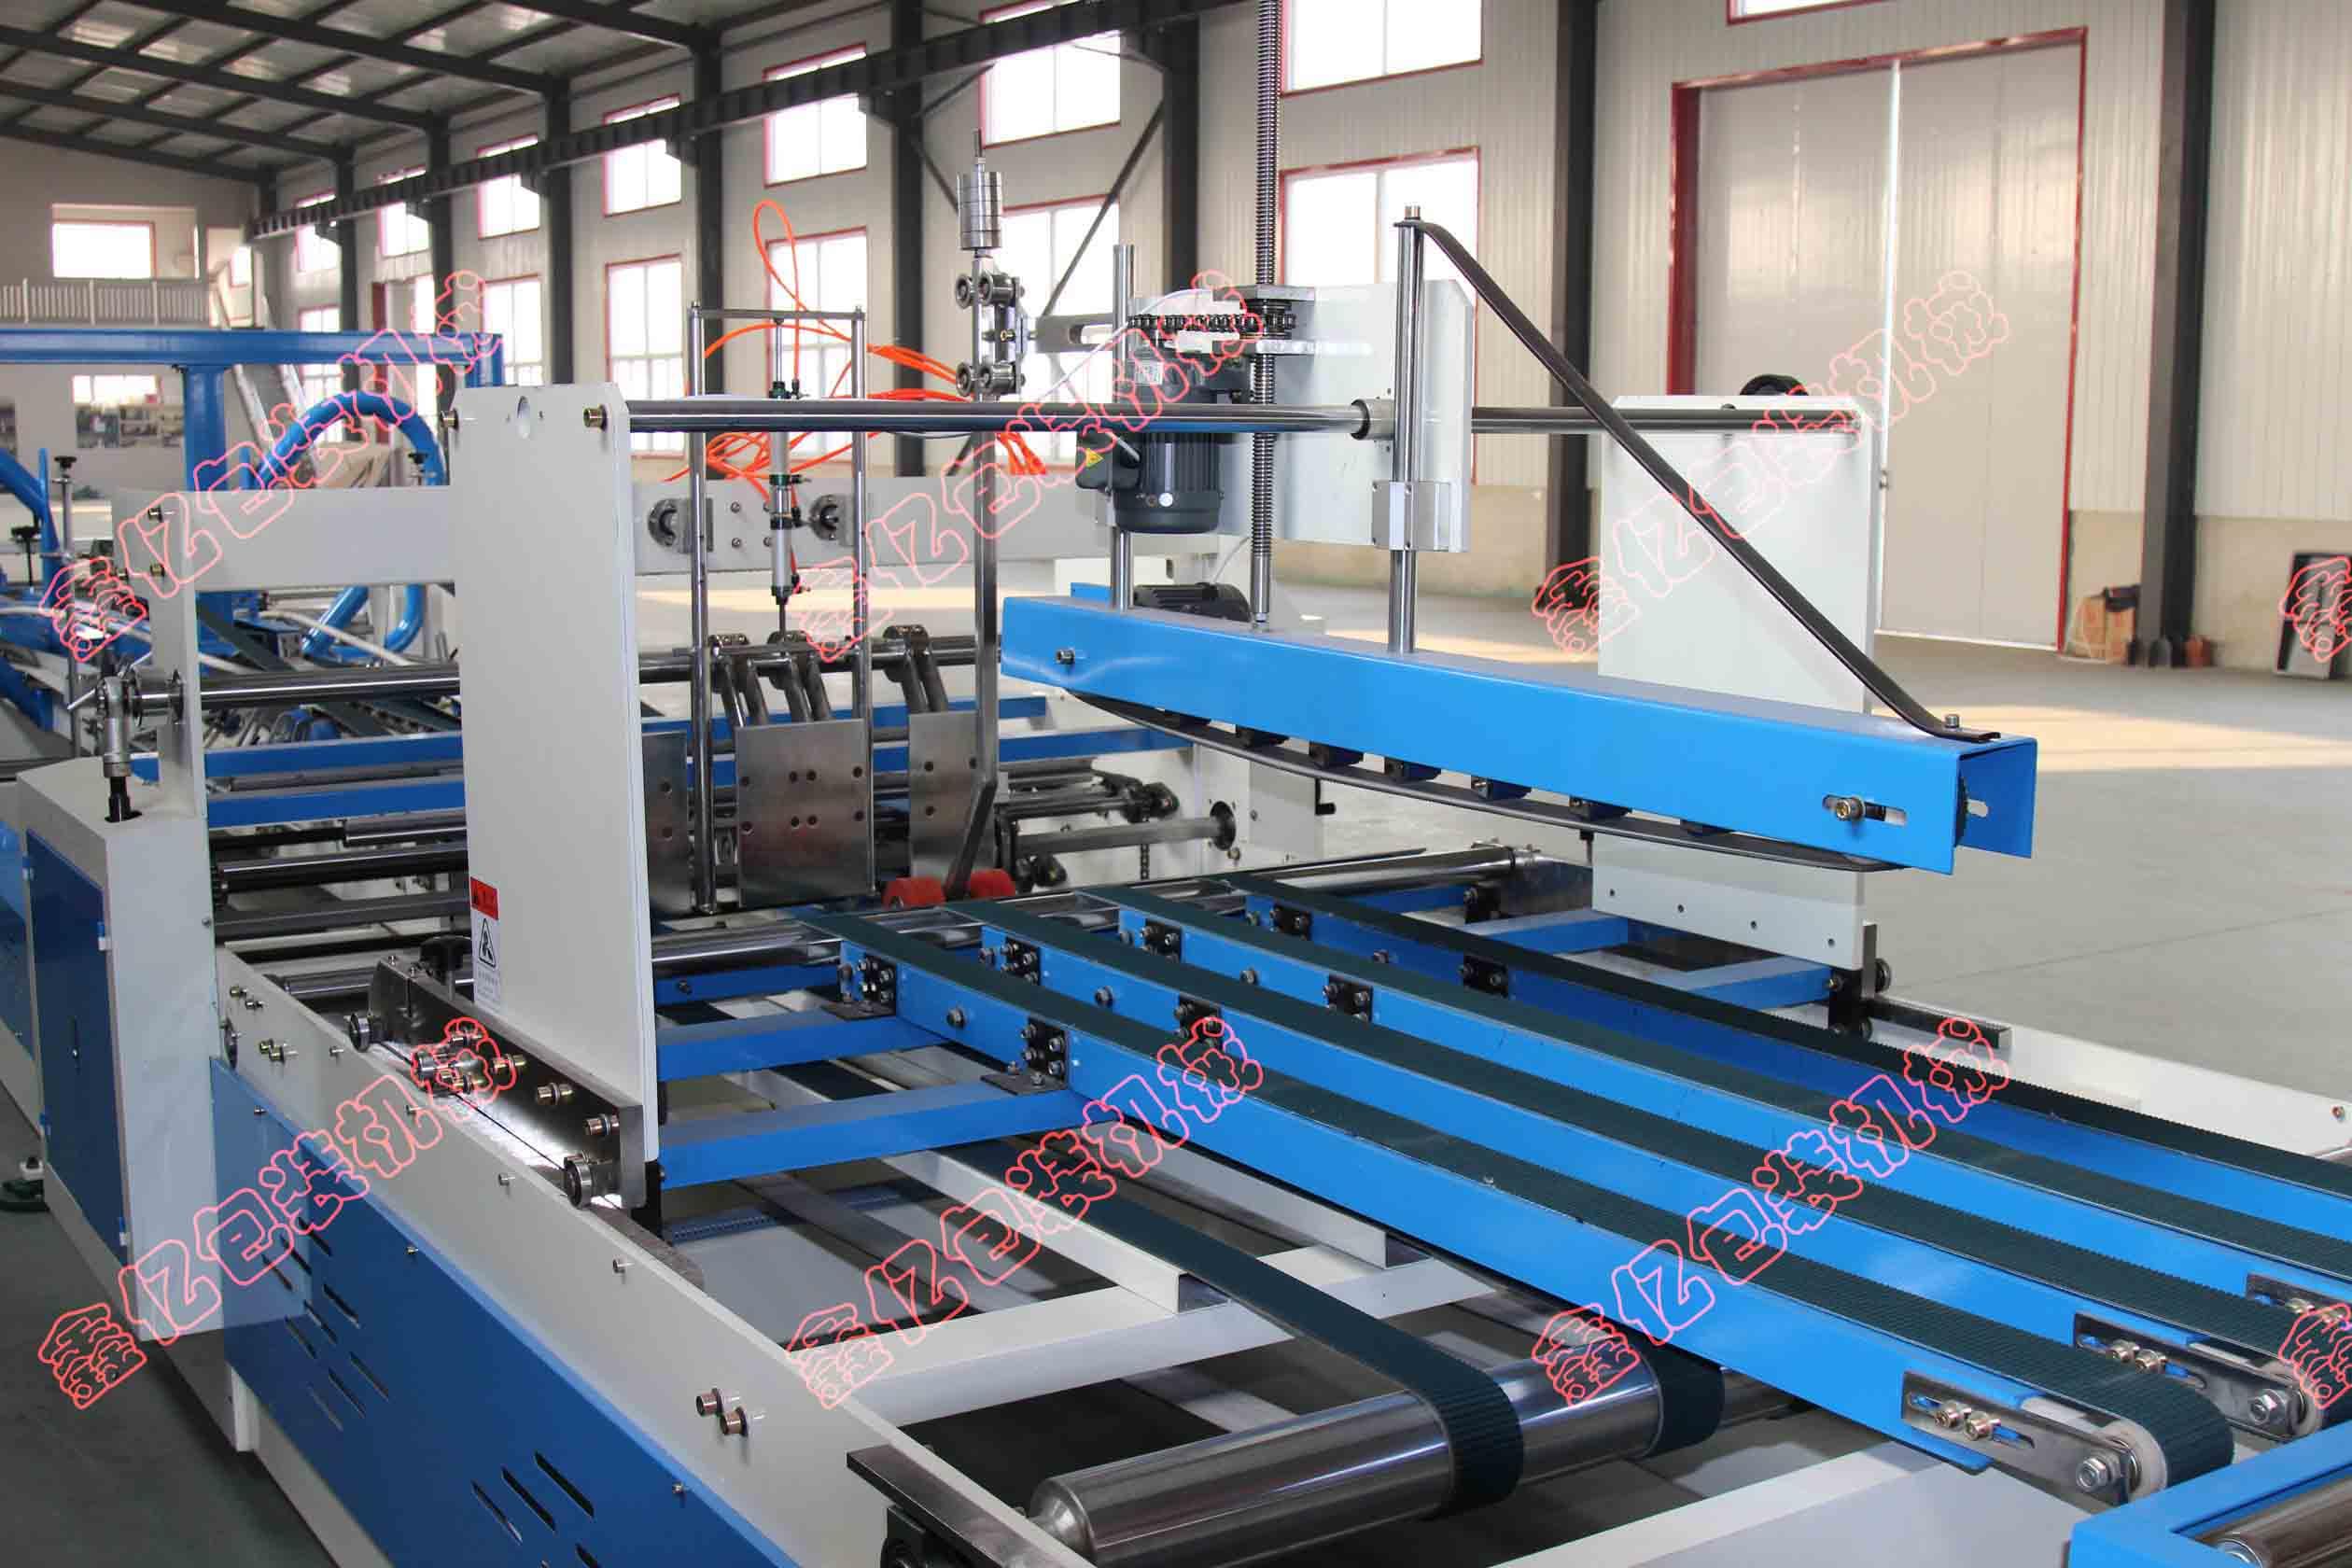 XY-2400型全自动粘箱机 鑫亿东光设备半自动粘箱机  半自动糊盒机  粘箱机直销厂家优价格